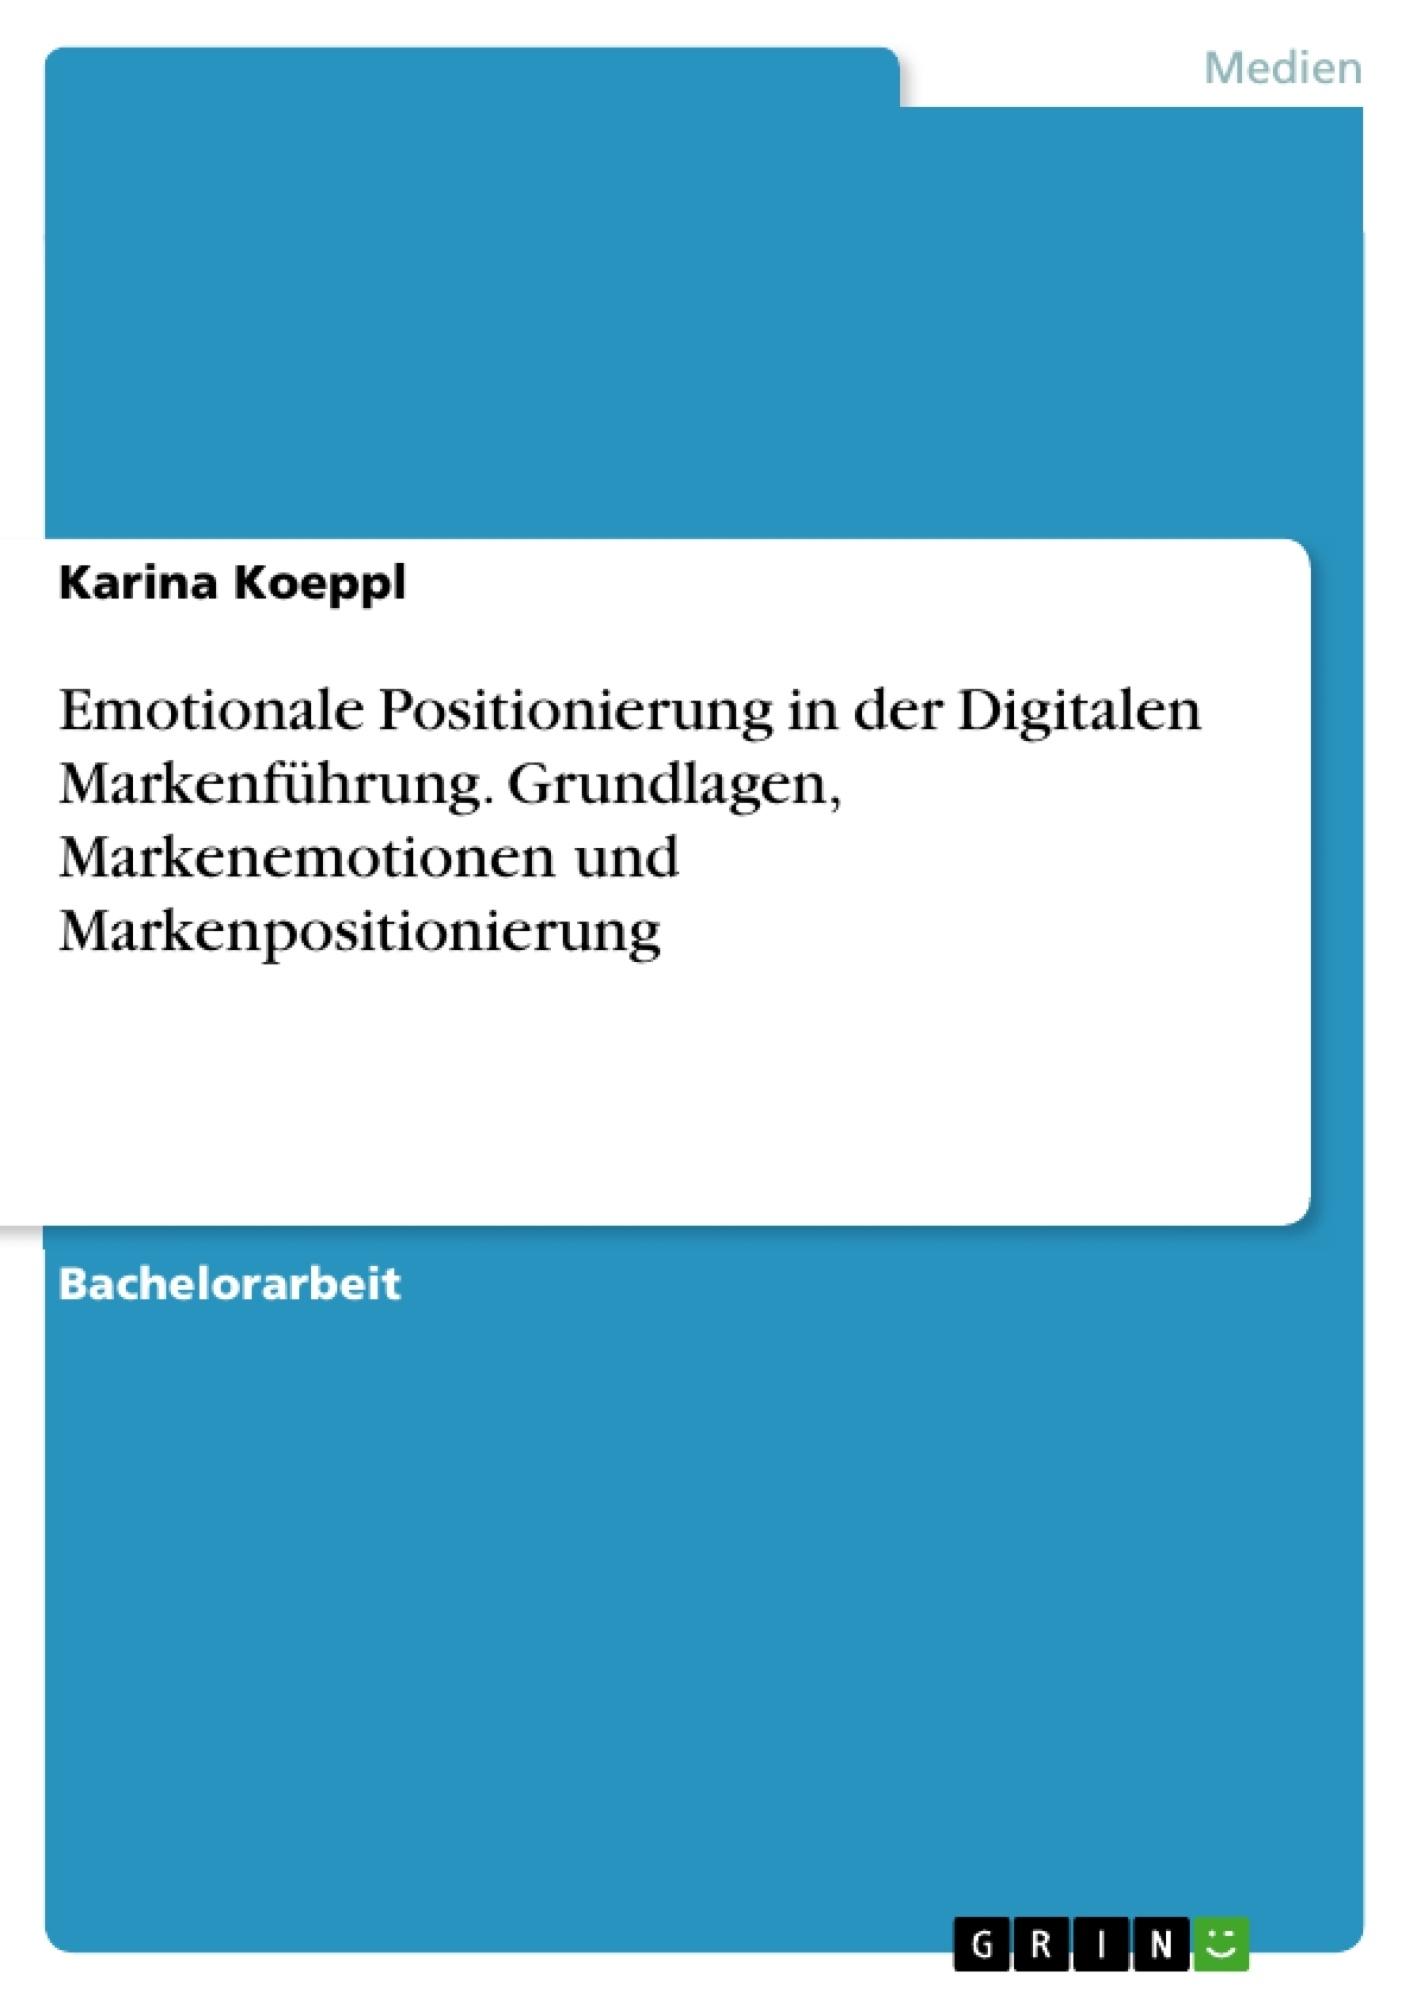 Titel: Emotionale Positionierung in der Digitalen Markenführung. Grundlagen, Markenemotionen und Markenpositionierung